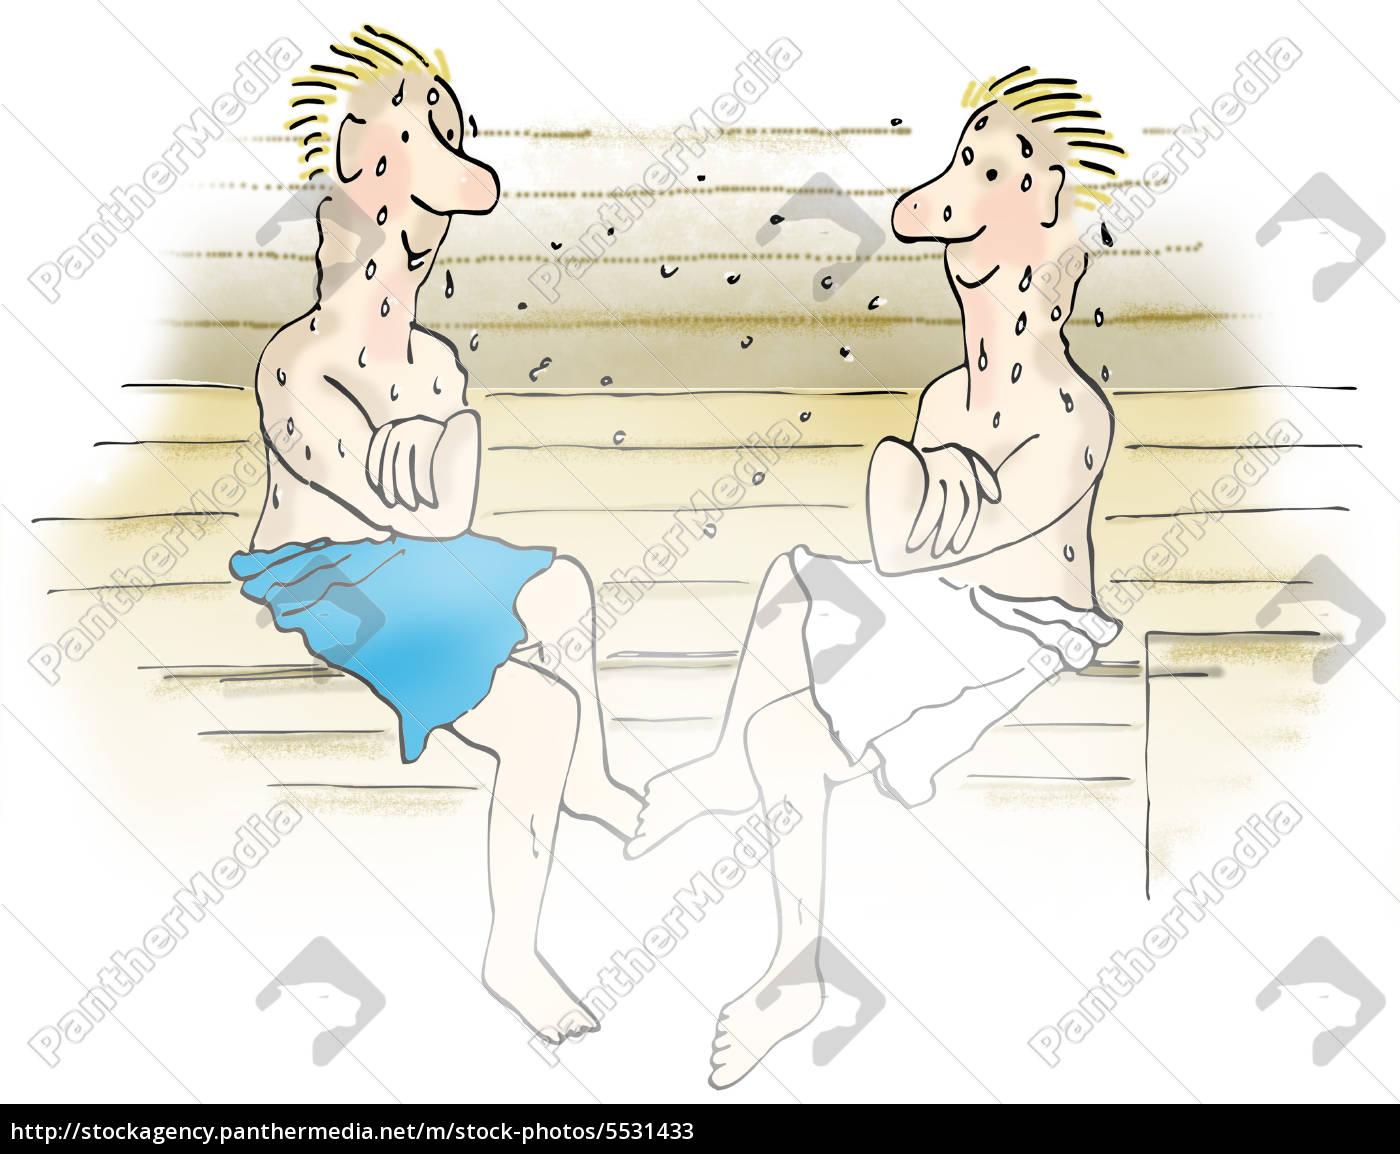 zwei m nner in der sauna stockfoto 5531433 bildagentur panthermedia. Black Bedroom Furniture Sets. Home Design Ideas